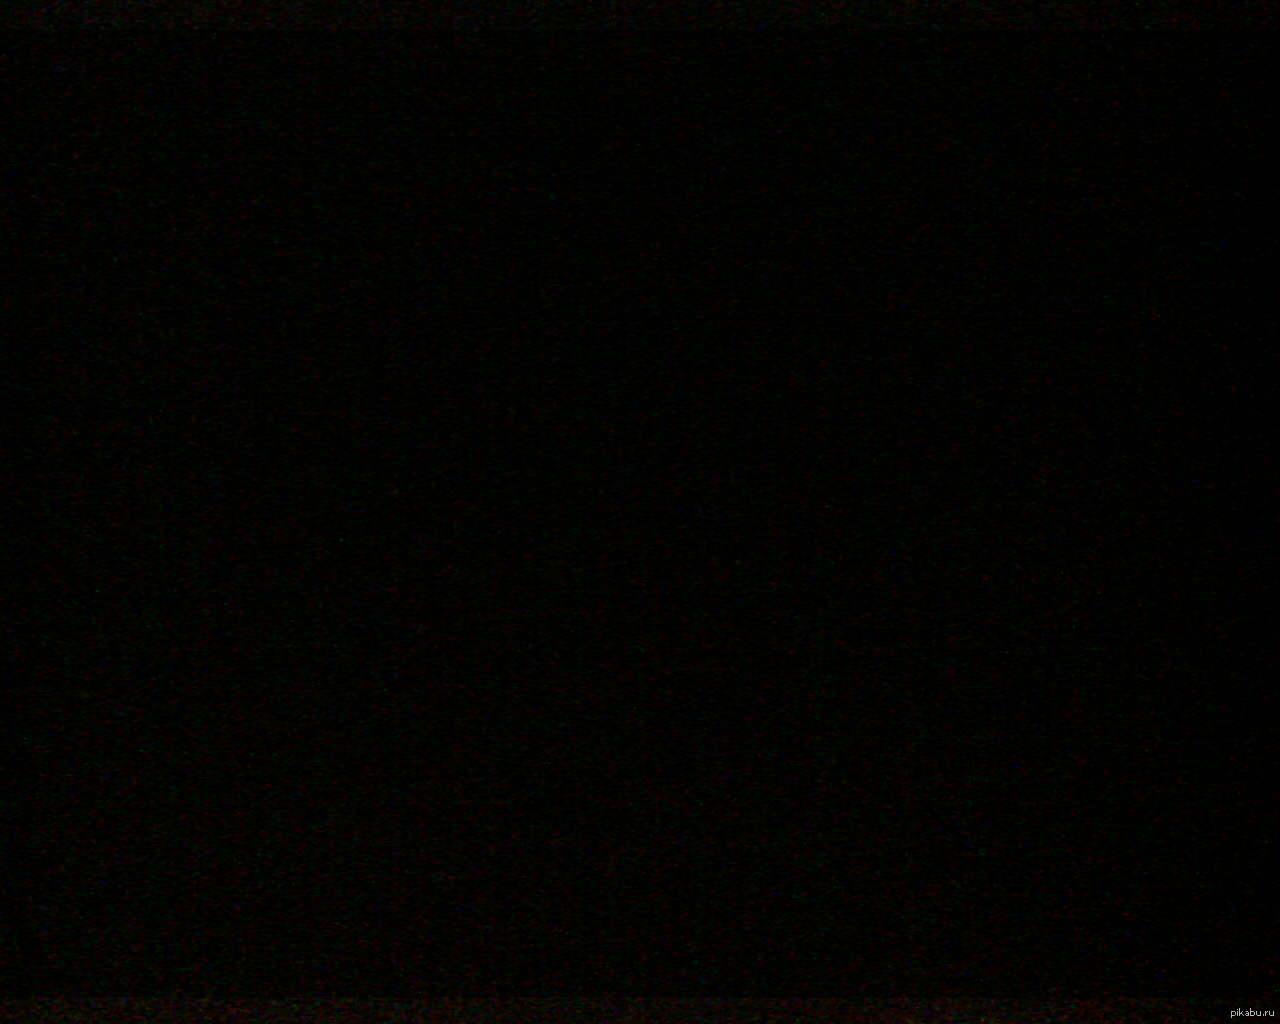 квадрат черный картинка